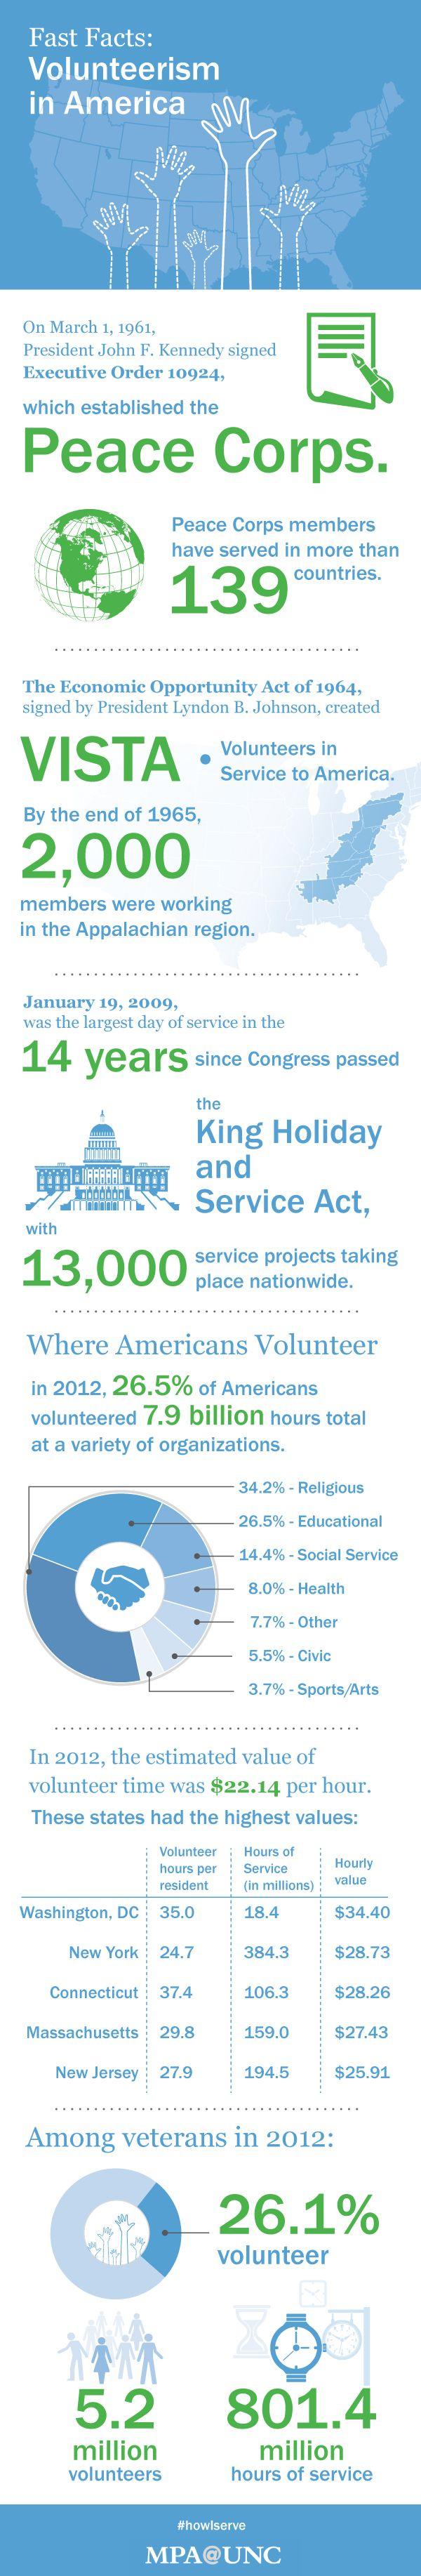 benefits of volunteering essay